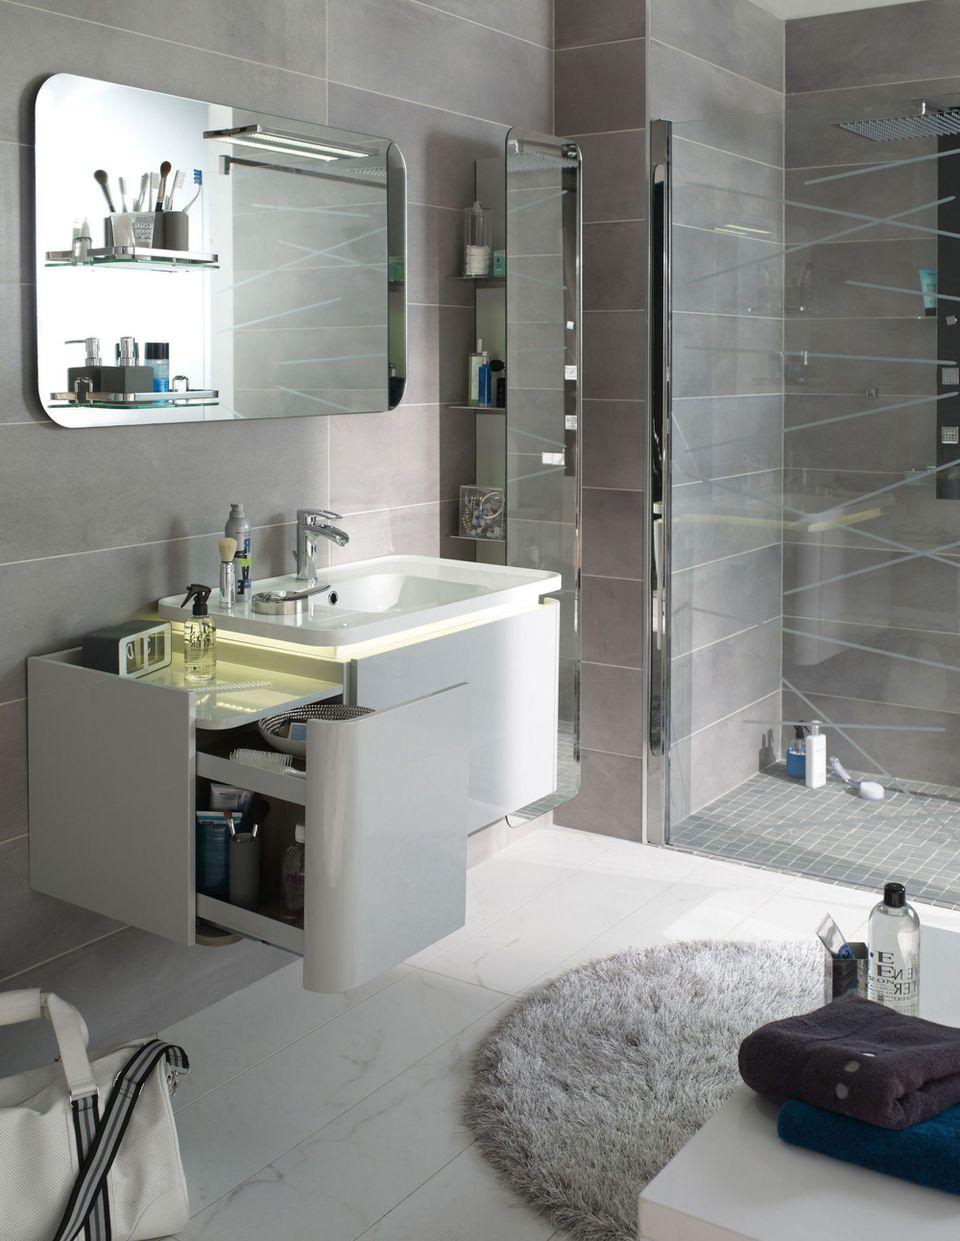 10 Astuces Pour Aménager Une Petite Salle De Bains avec Modèle De Salle De Bain Avec Douche